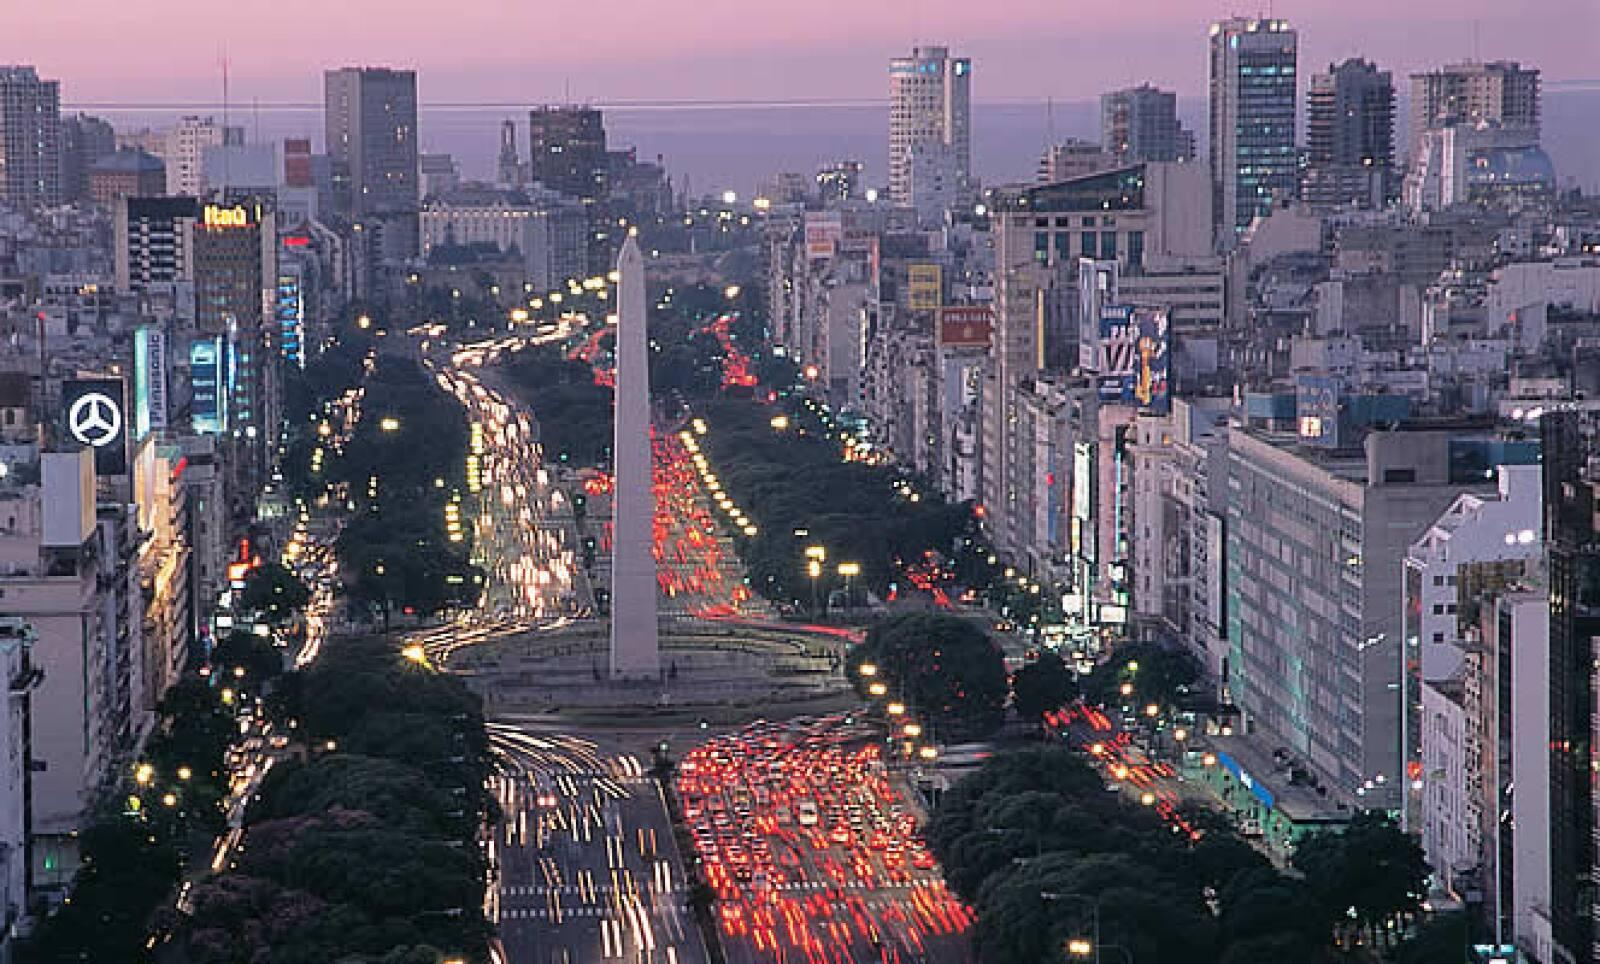 Iniciamos nuestro recorrido por la capital de Argentina en la Avenida 9 de Julio, justo en la Plaza de la República, para apreciar el icónico Obelisco. Construido en 1936, bajo el diseño del arquitecto Alberto Prebisch, este monumento fue hecho para conme